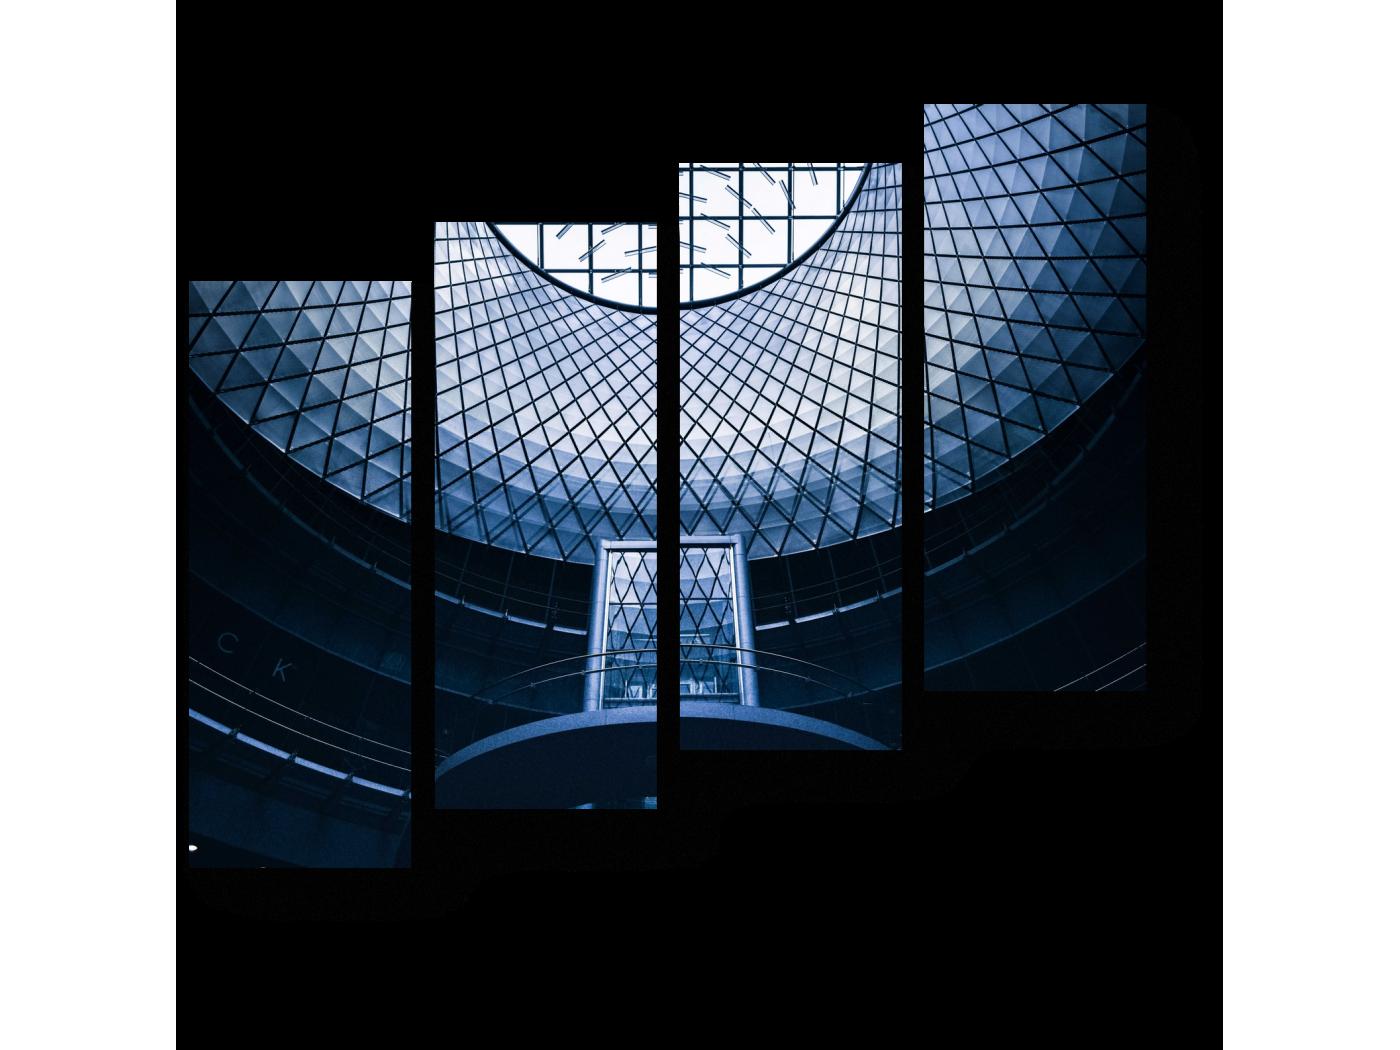 Модульная картина Современная конструкция (80x69) фото